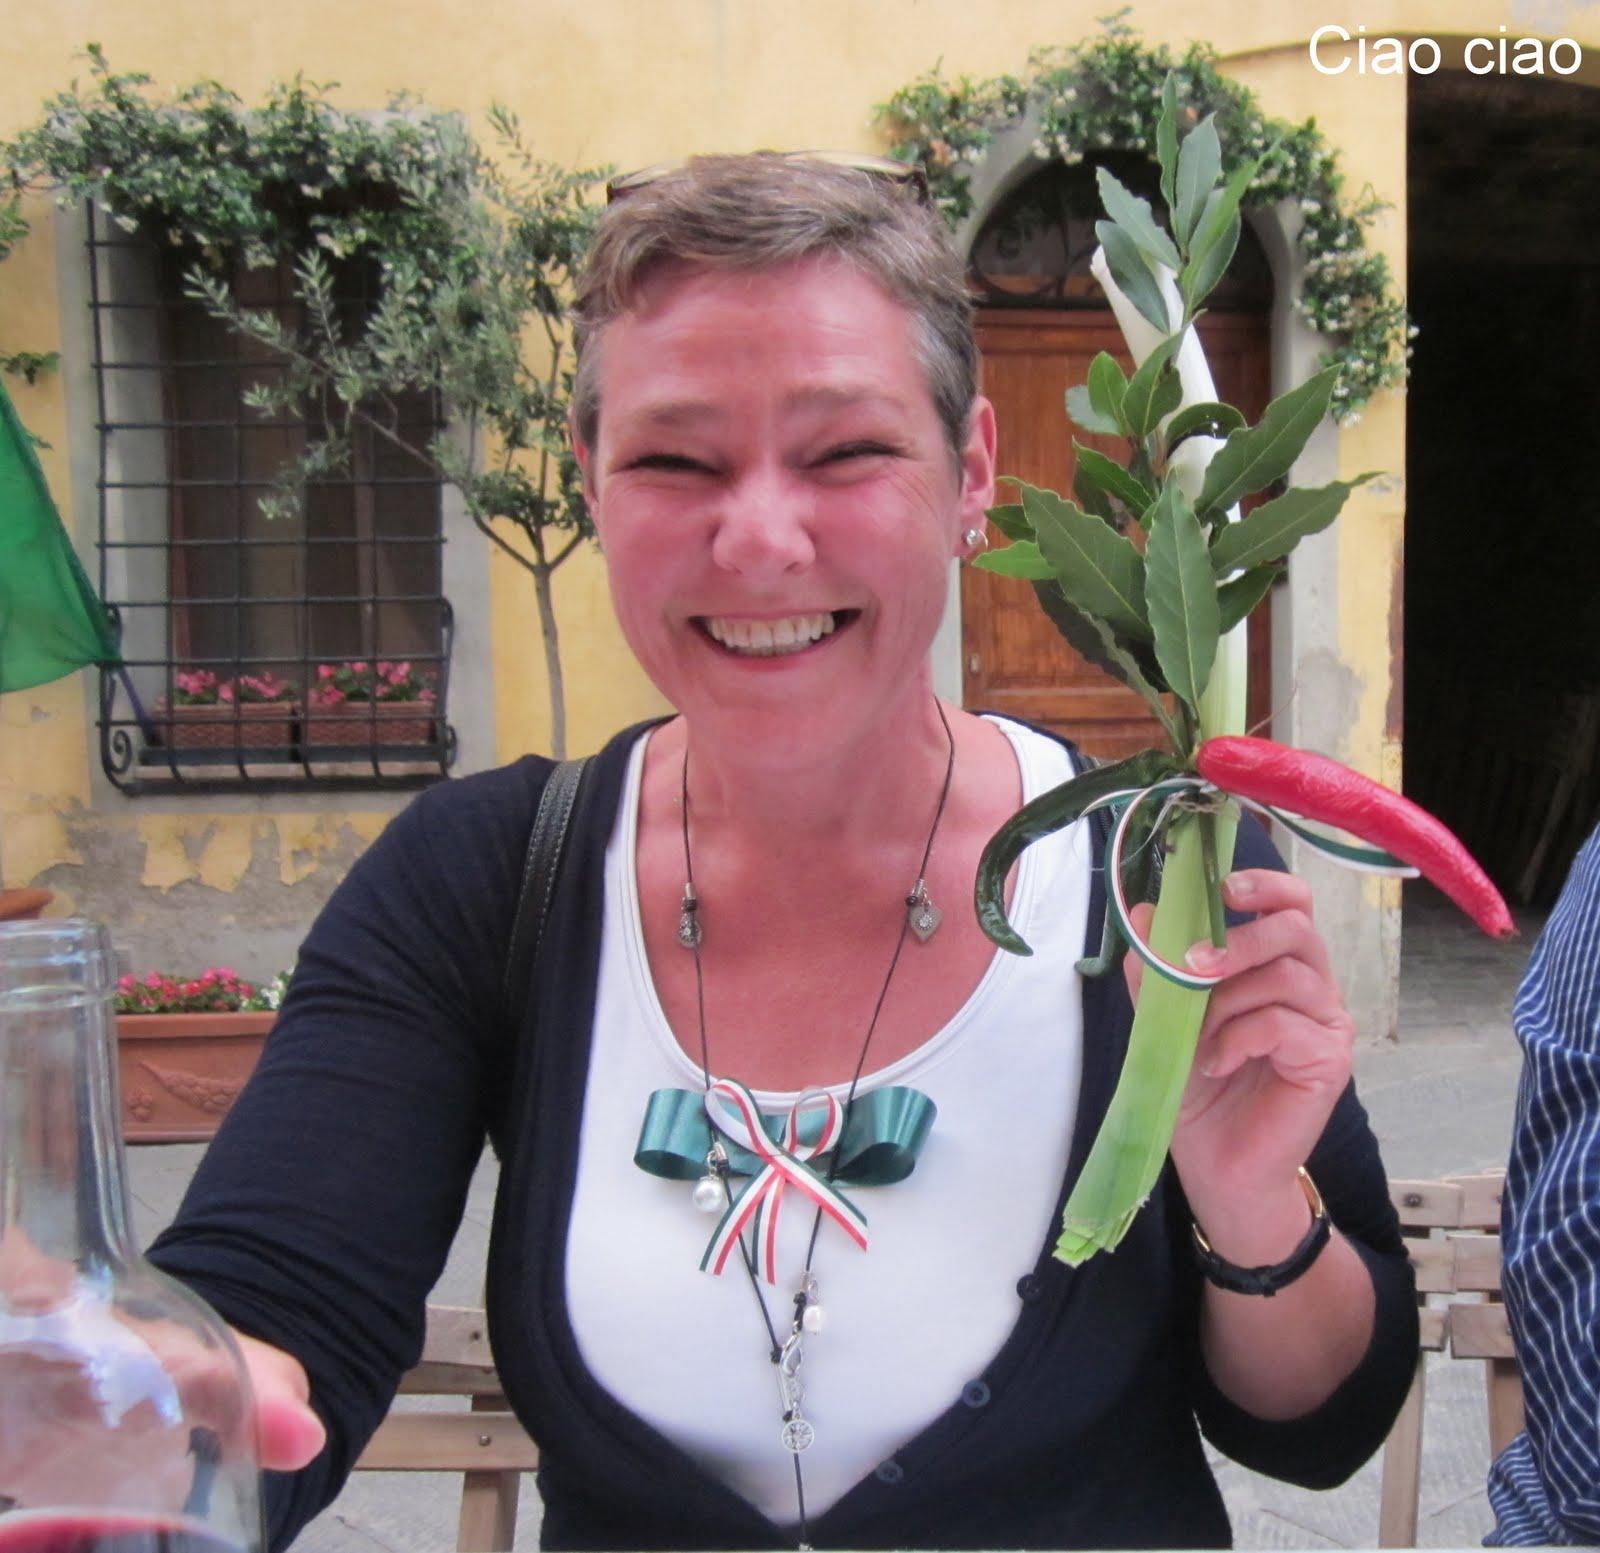 Blablabla from italia